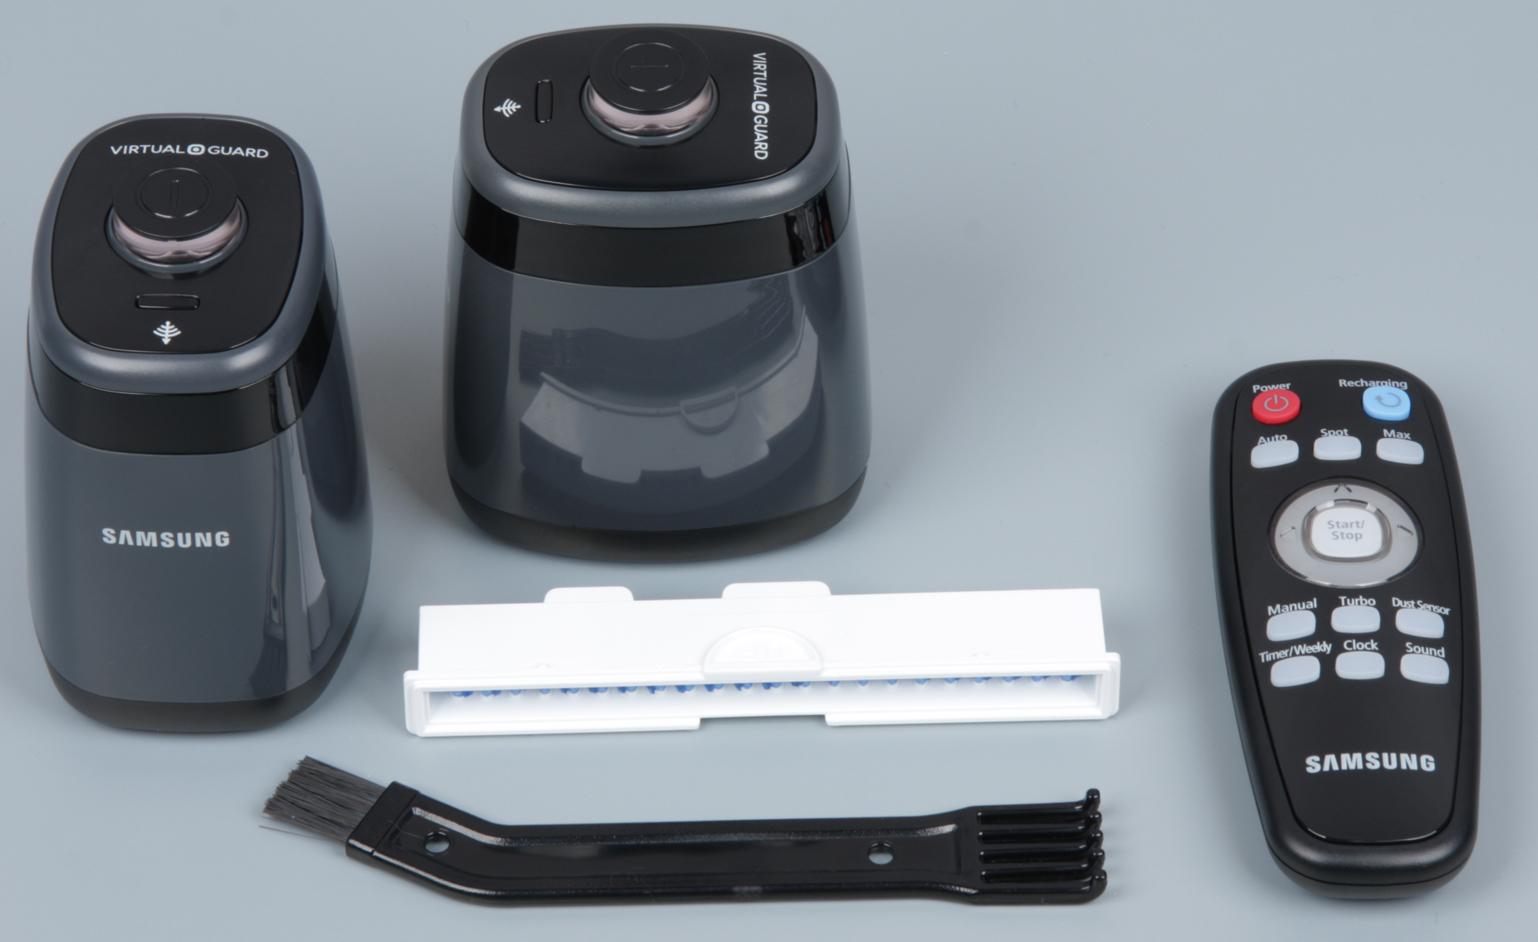 samsung navibot s sr8980. Black Bedroom Furniture Sets. Home Design Ideas